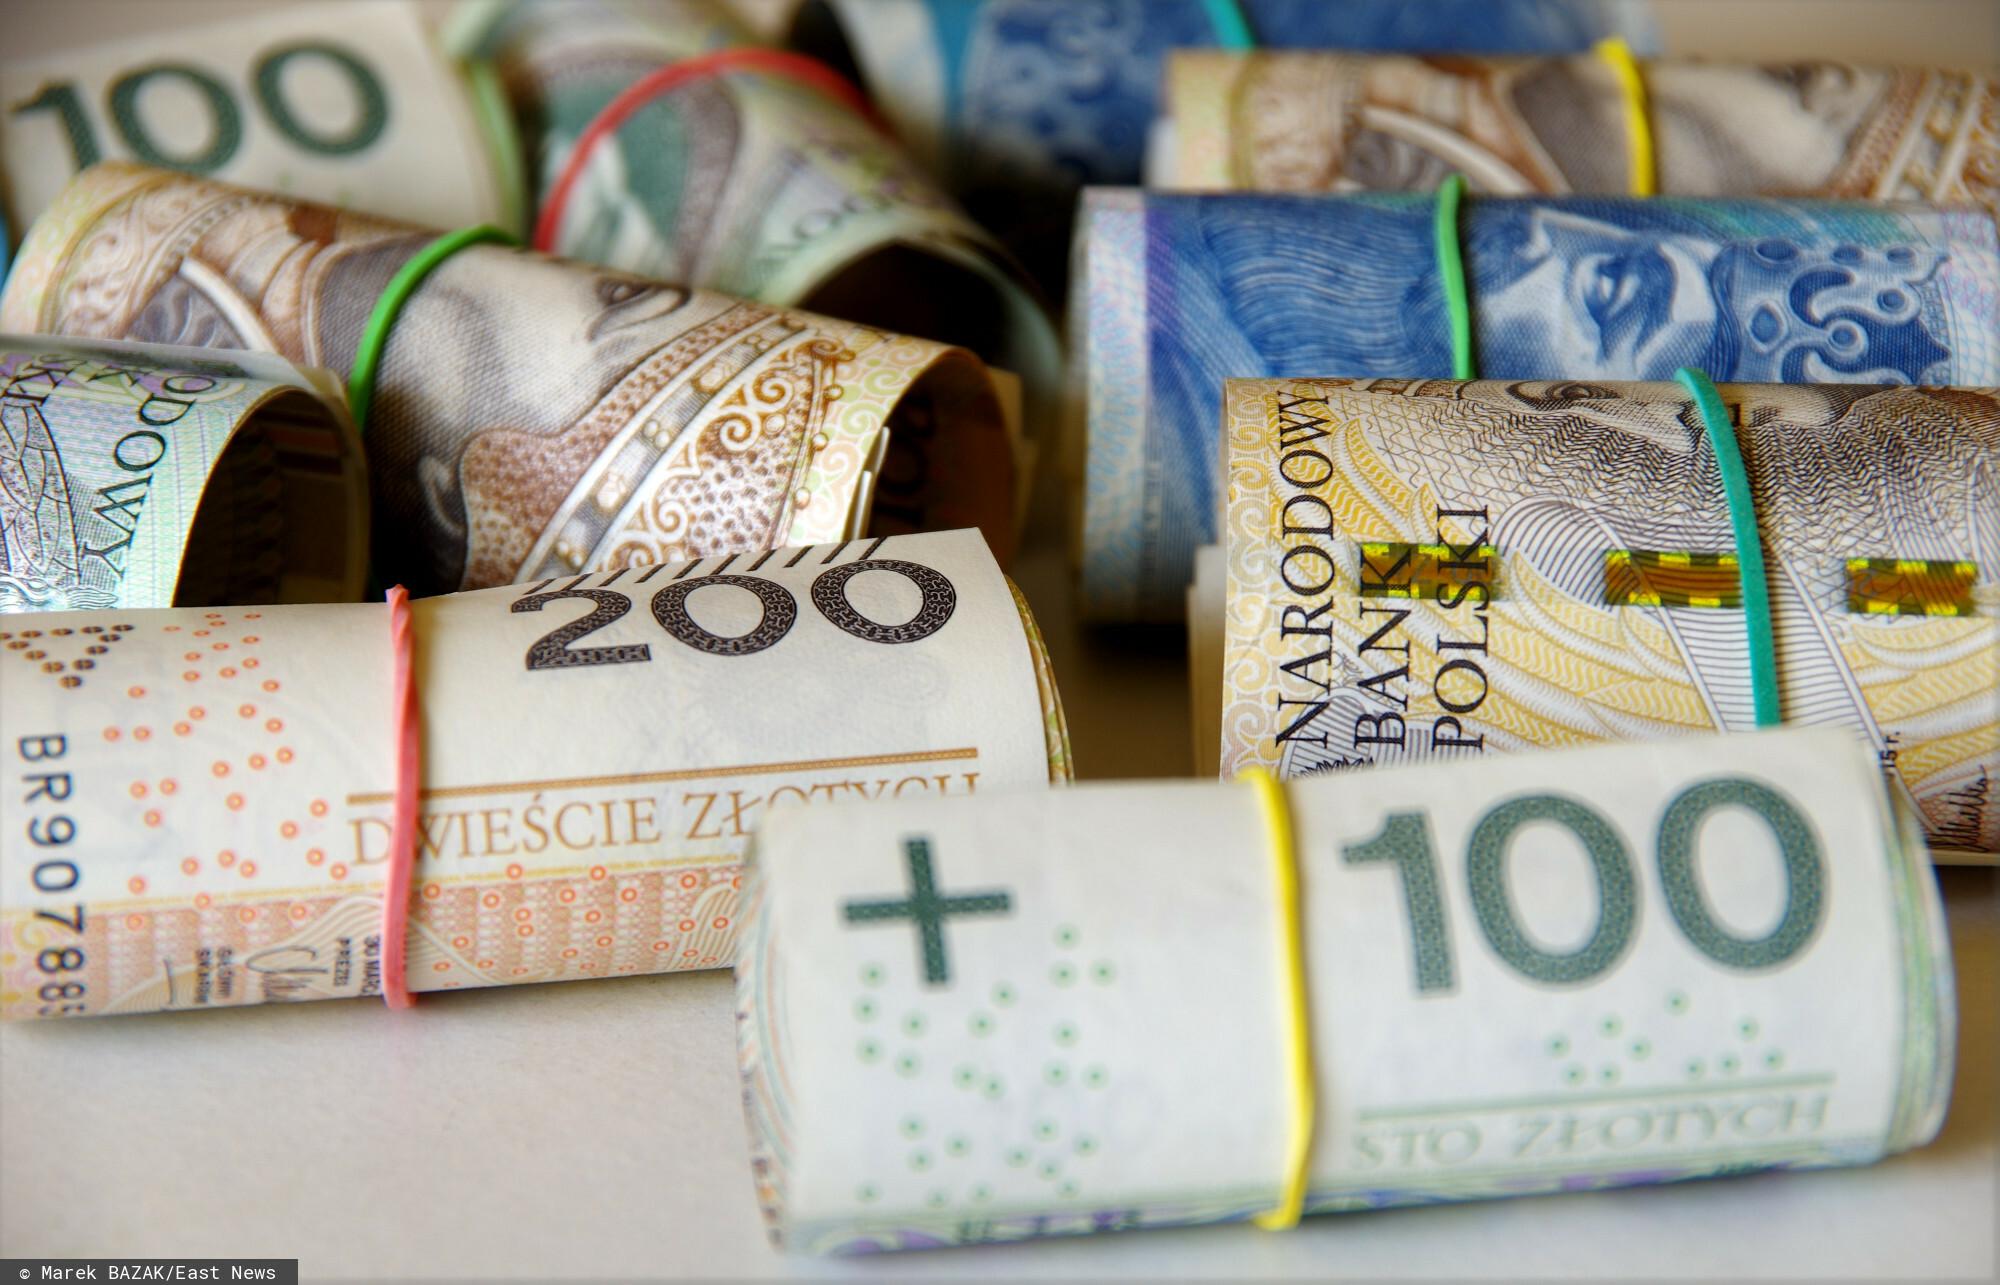 PHOTO: ZOFIA I MAREK BAZAK / EAST NEWS Rulony banknotow o nominale 50 zl 100 zl i 200 zl